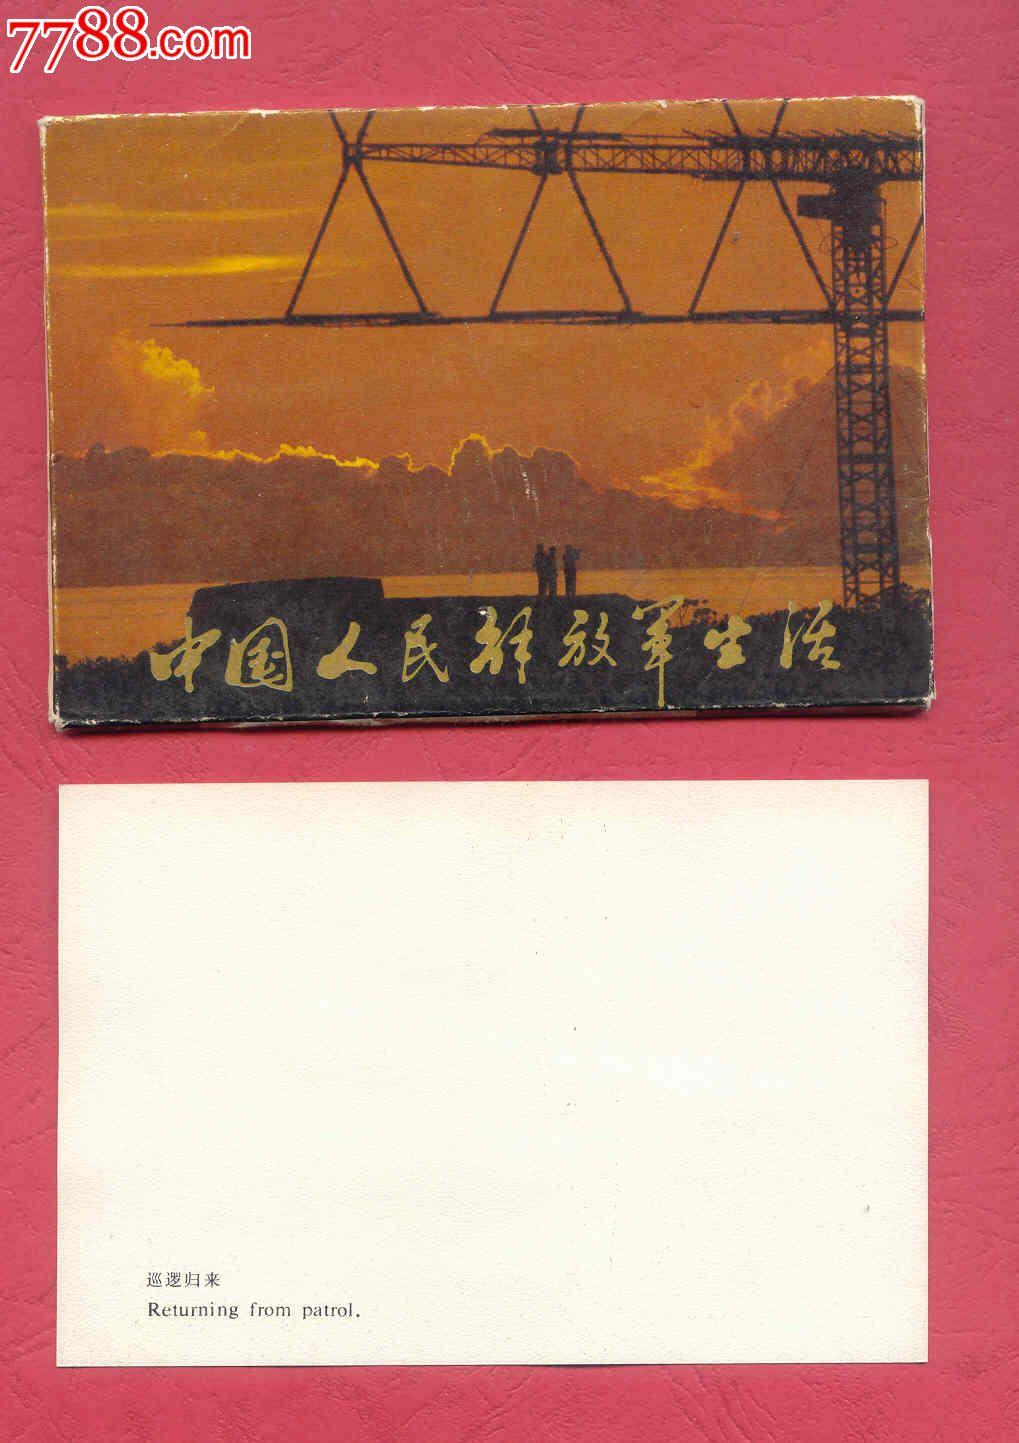 《中国人民解放军生活》明信片12张全